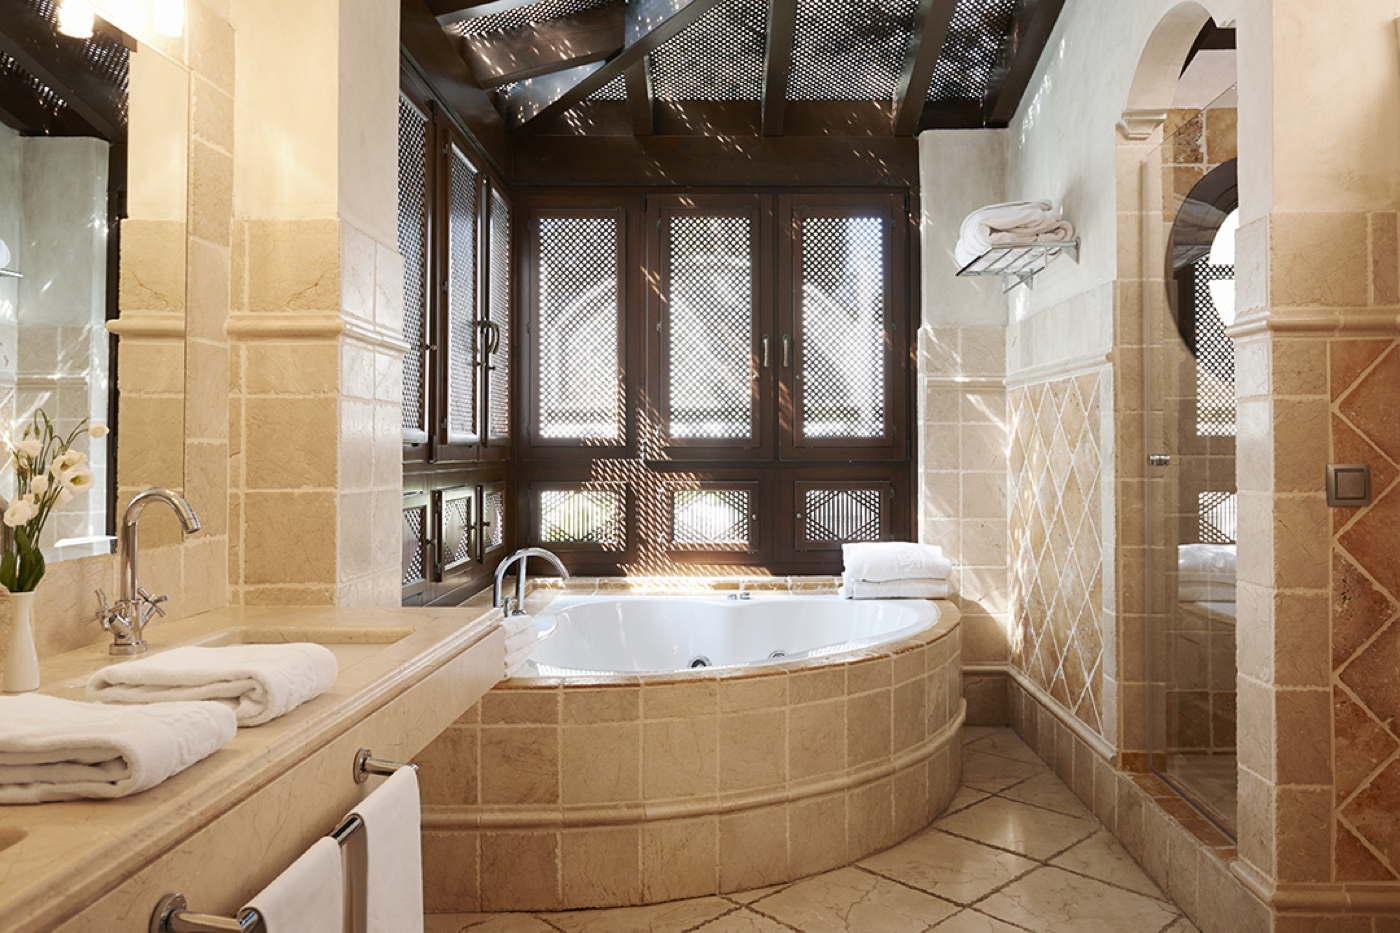 Luxusvillen mit pool im clubresort am meer spanien costa - Marbella club villas ...